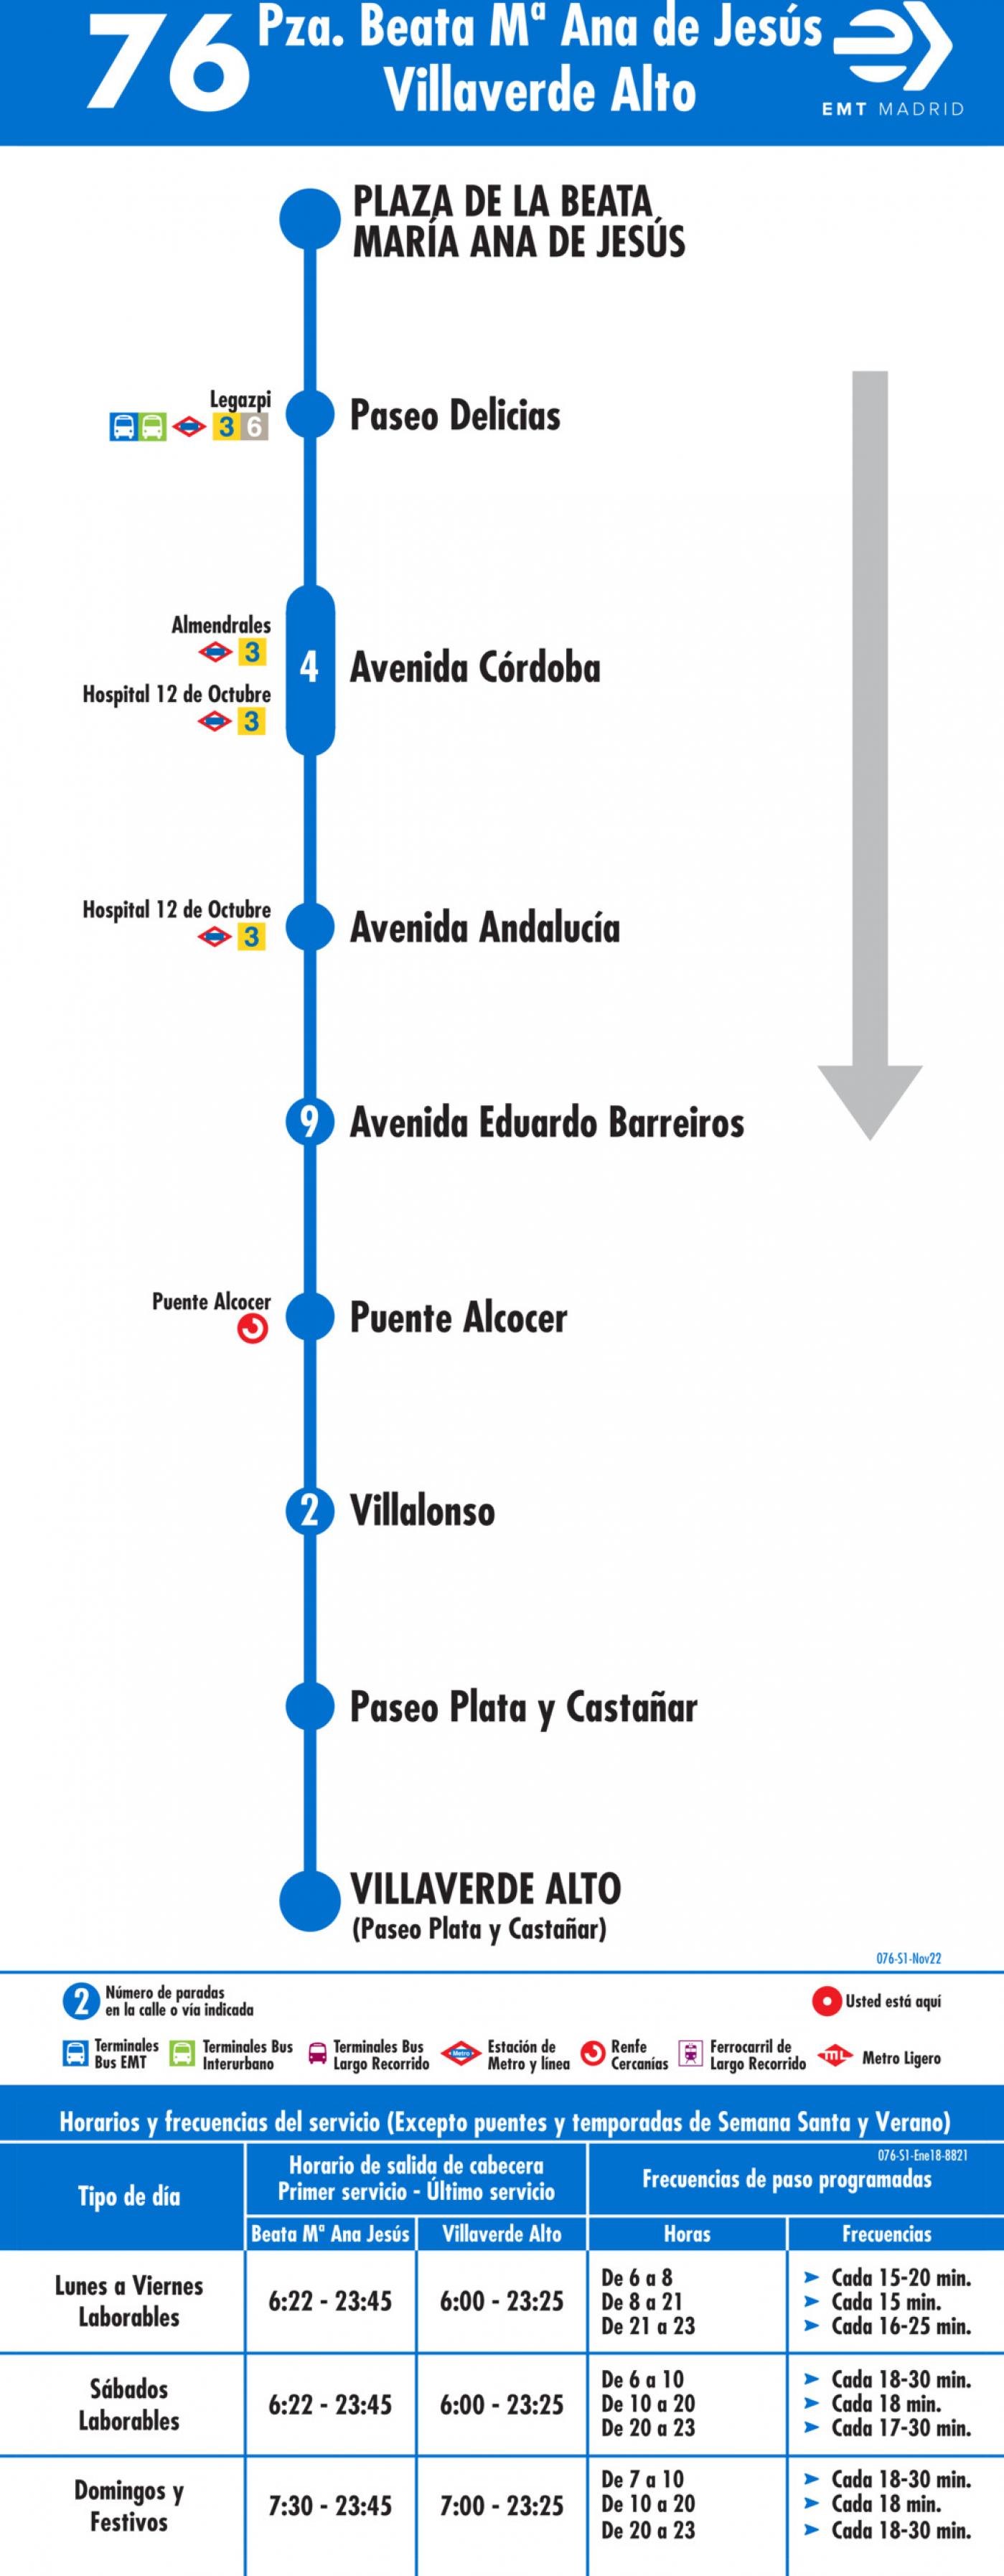 Tabla de horarios y frecuencias de paso en sentido ida Línea 76: Plaza de la Beata María Ana de Jesís - Villaverde Alto